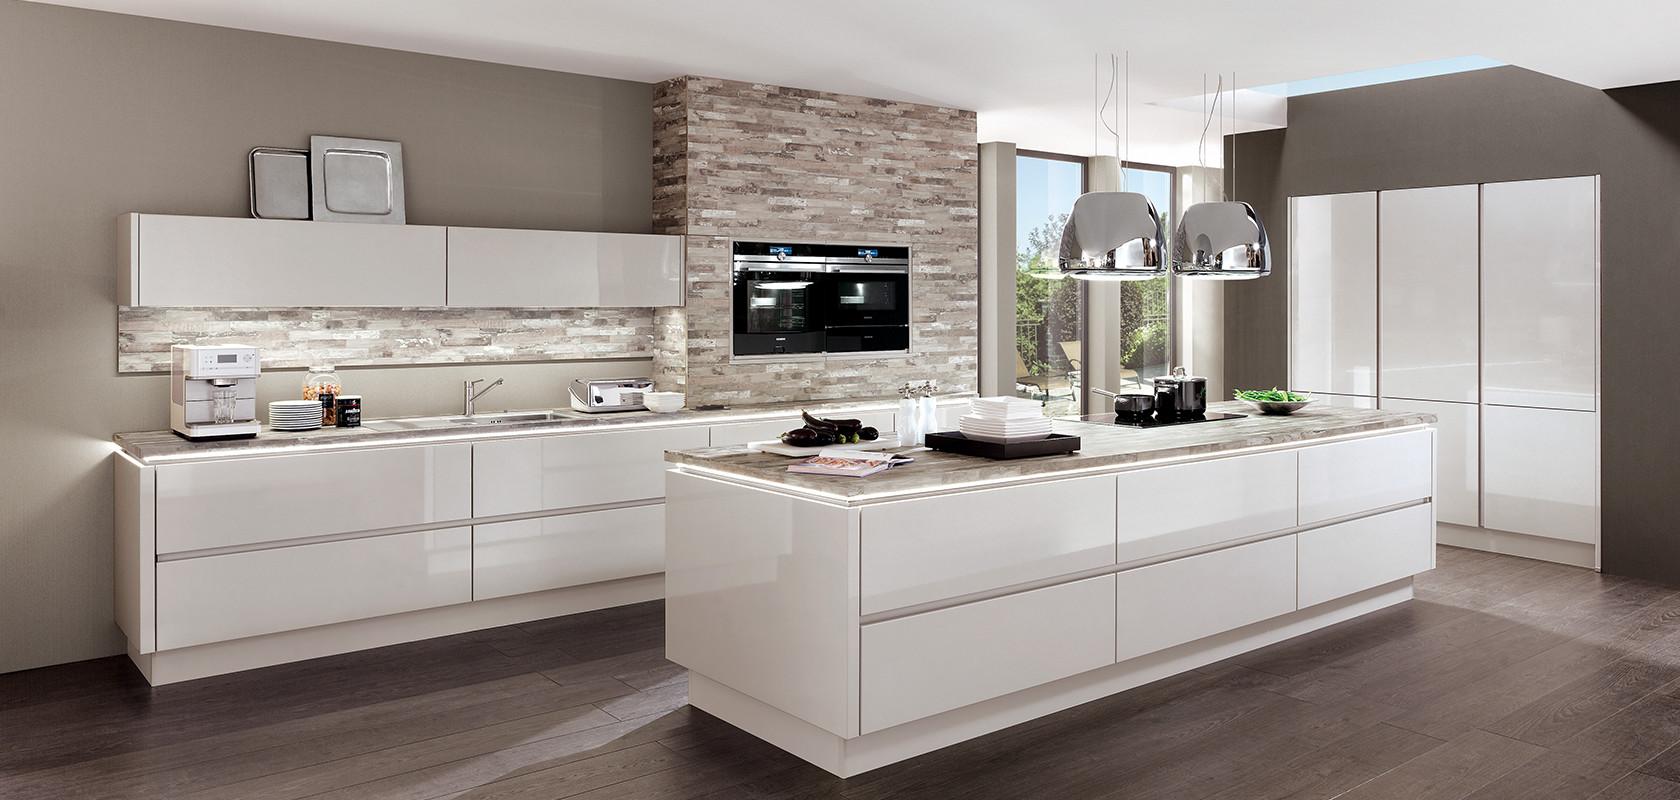 Design-Küchen - M1 Küchenloft, 53783 Eitorf